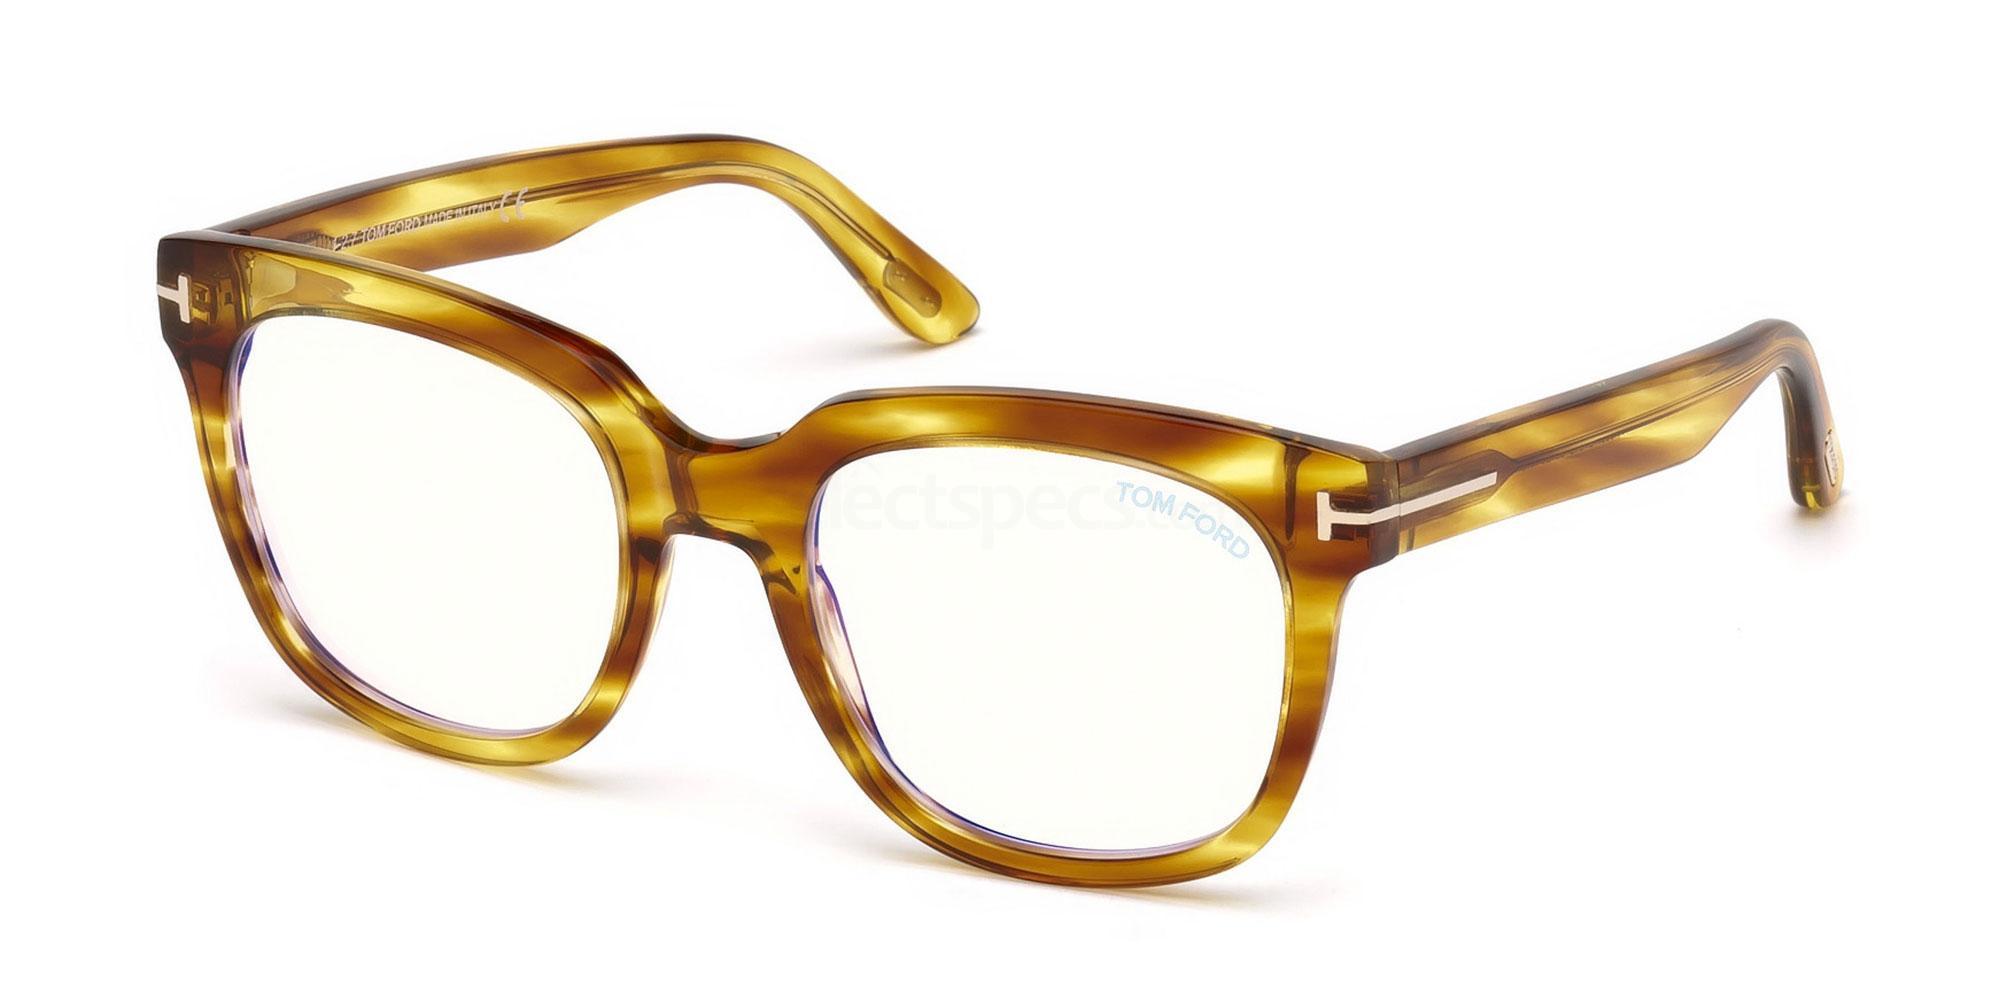 045 FT5537-B Glasses, Tom Ford